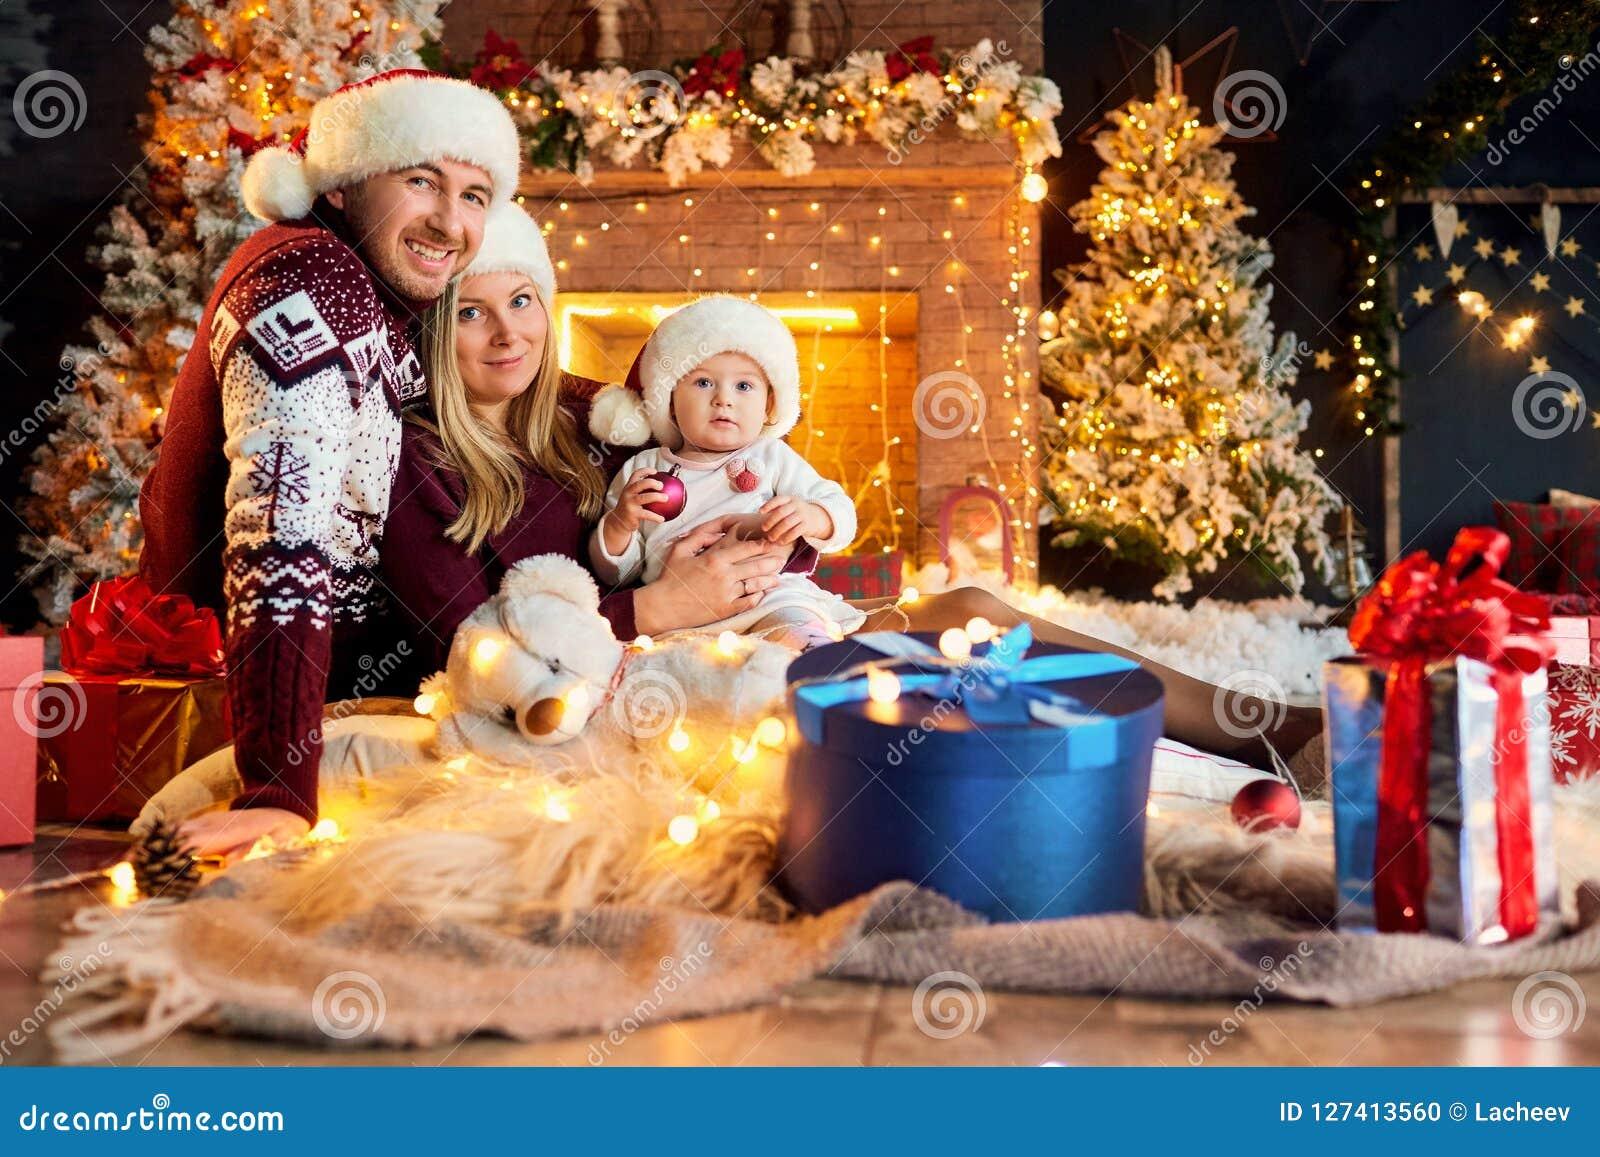 Glückliche Familie mit einem Baby in einem Weihnachtsraum